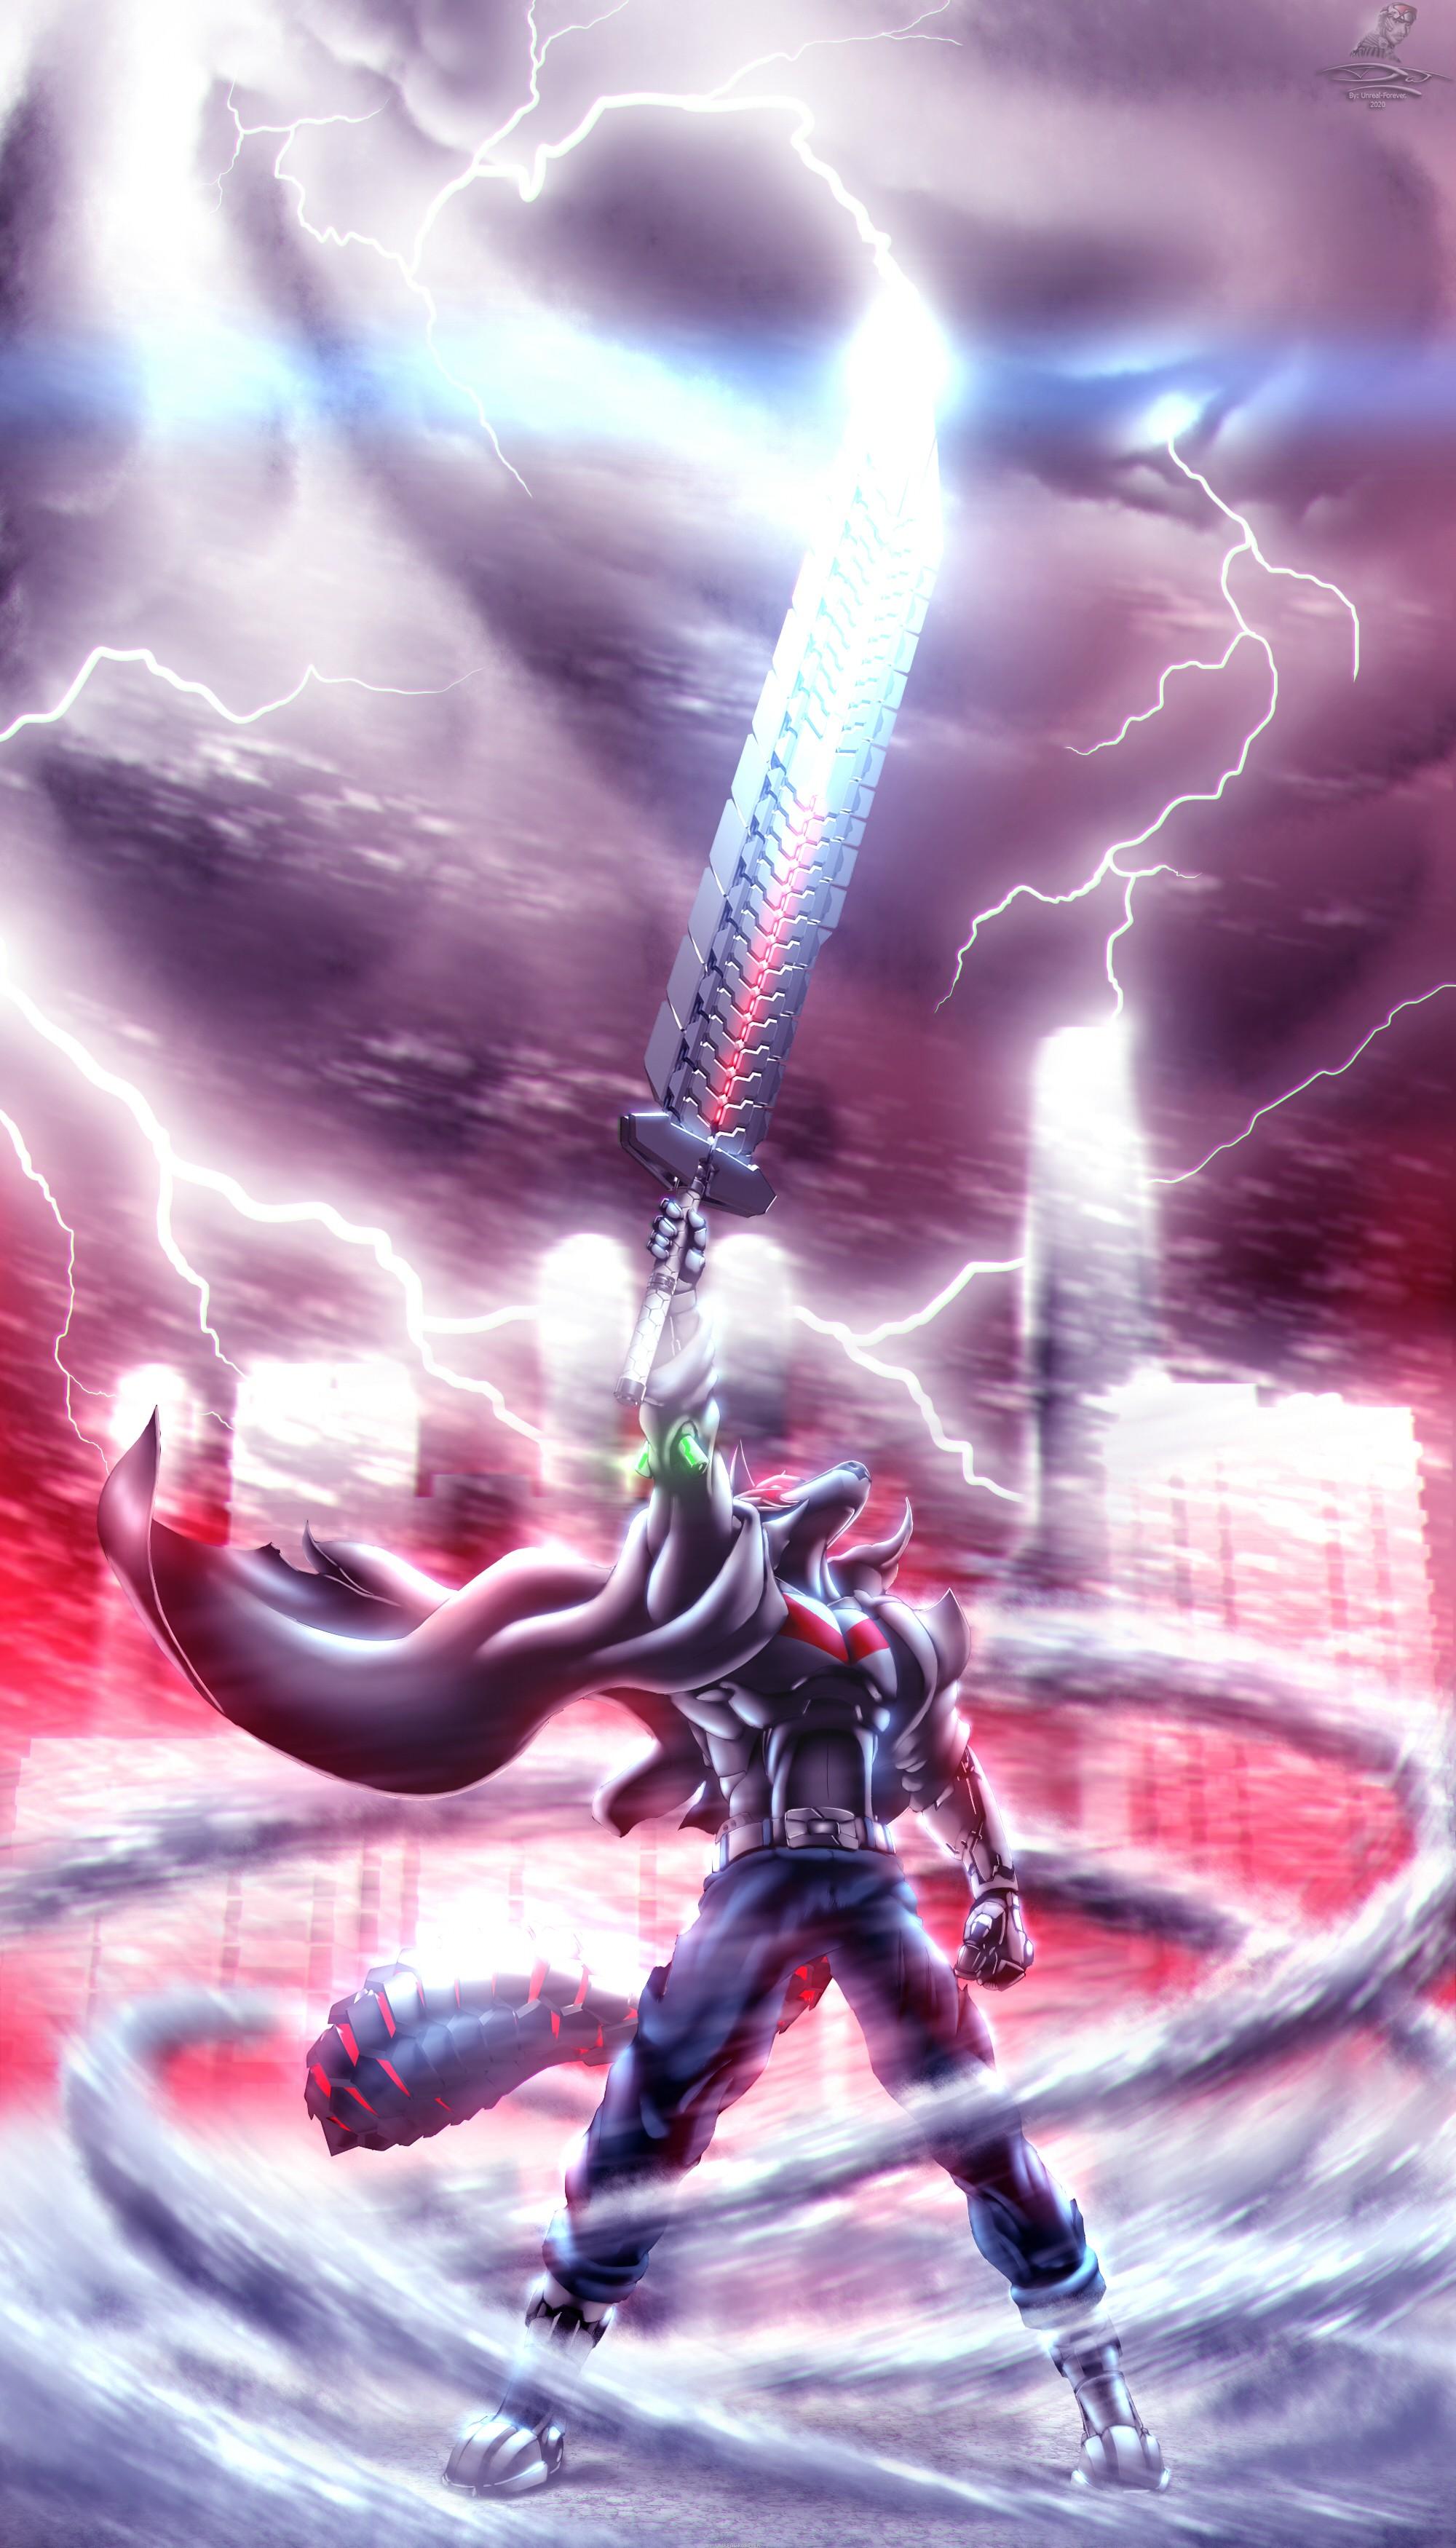 Storm Power from Heaven - NanoFoX